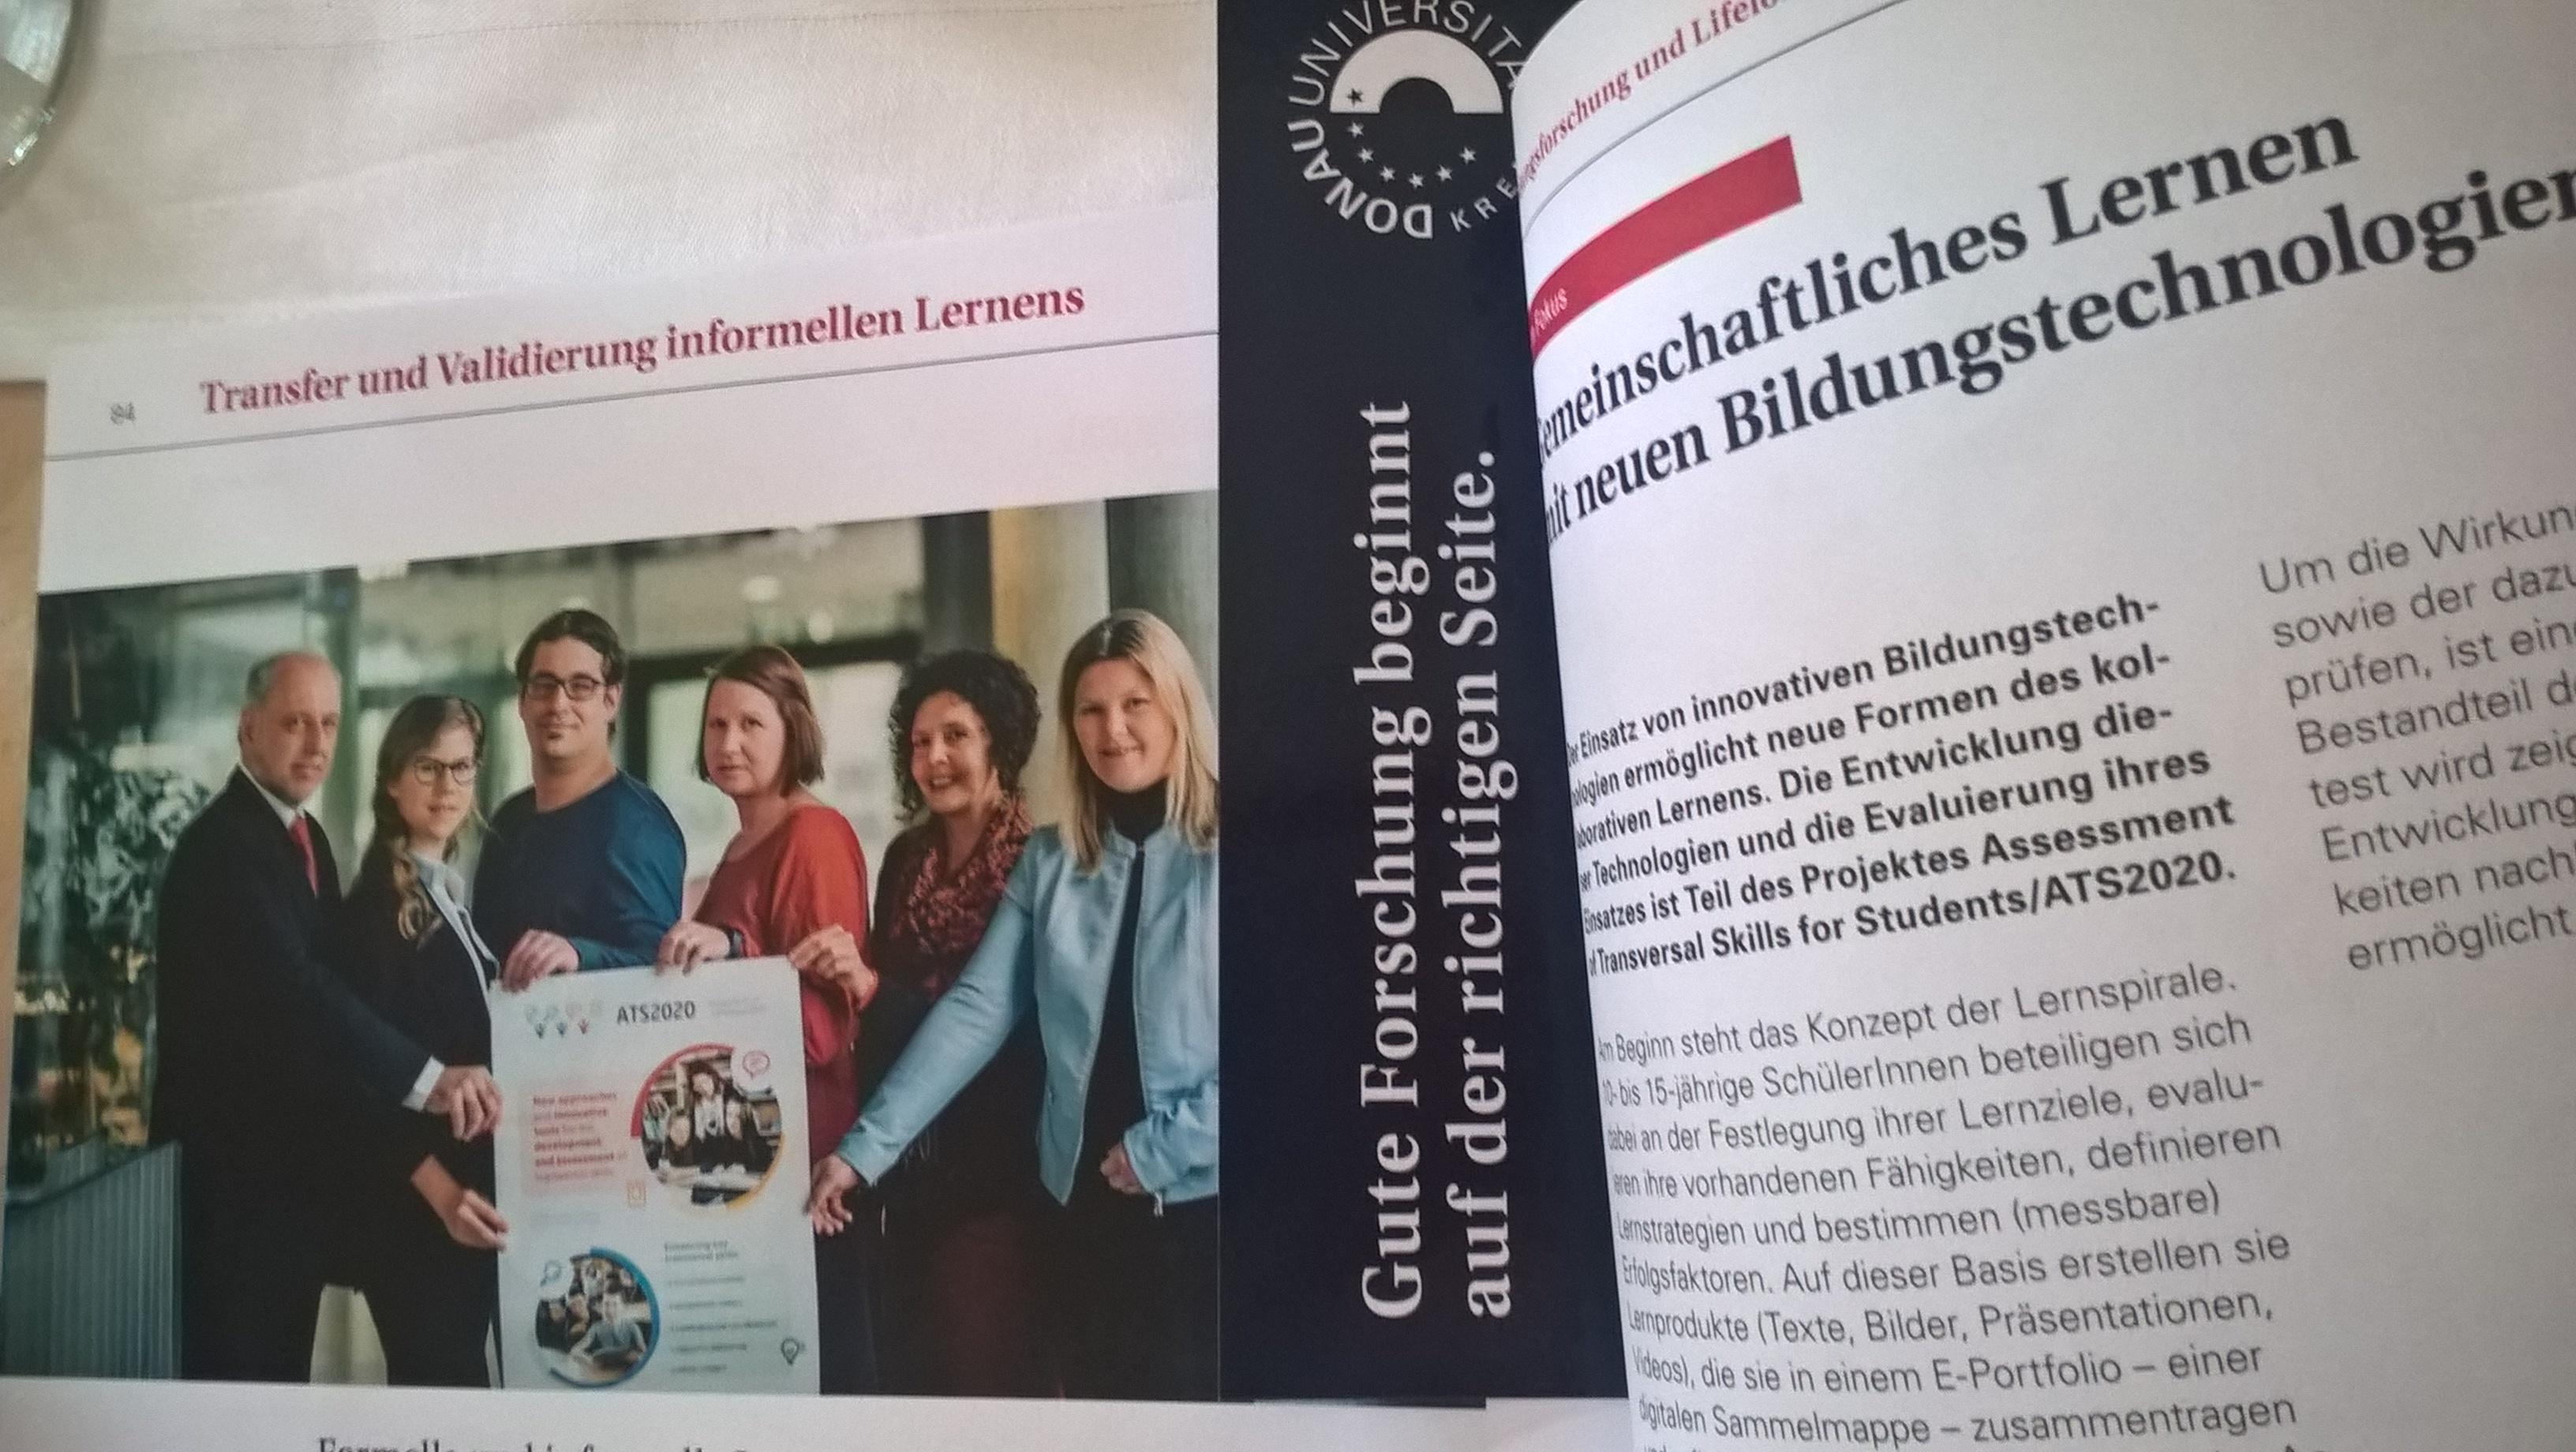 ATS2020 im Forschungsbericht der Donau Uni Krems 2016/2017 - mit einem tollen Foto des Teams und unseres ATS2020 Plakats! :)